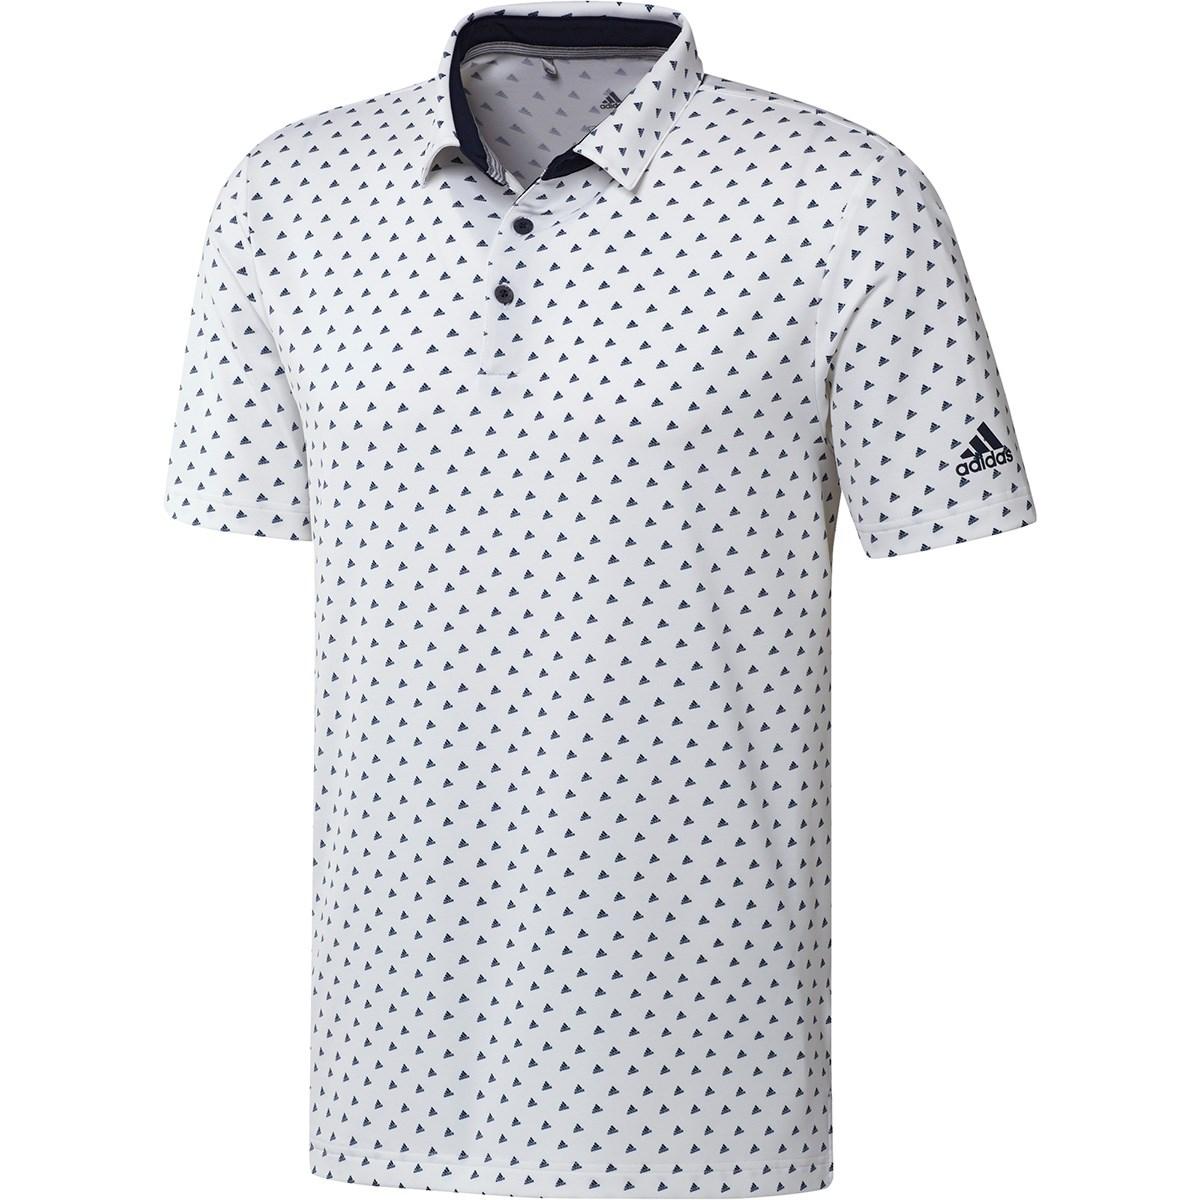 アディダス Adidas ULTIMATE365 BOSモノグラム 半袖ポロシャツ M ホワイト/カレッジネイビー